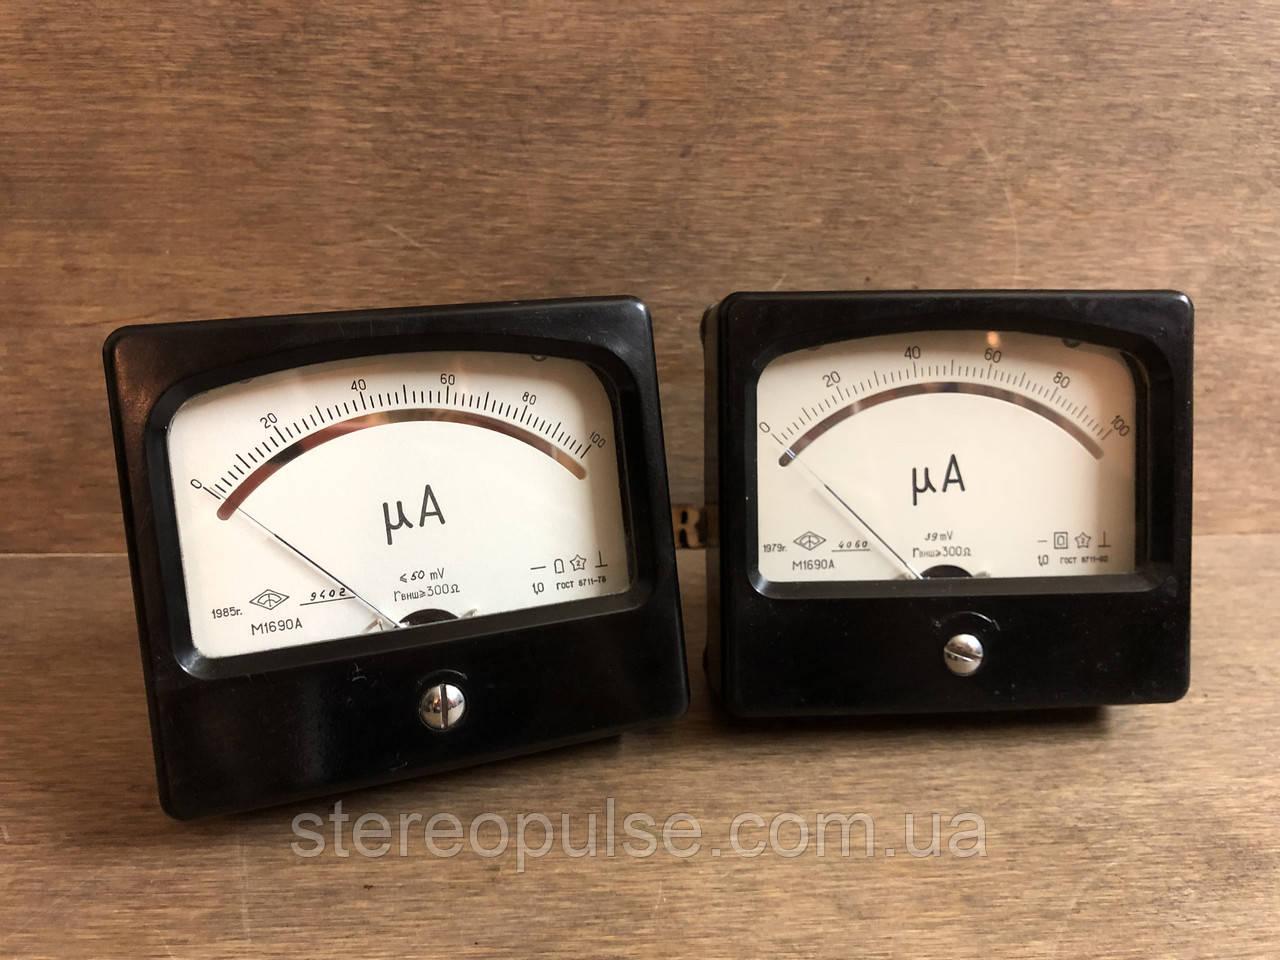 Измерительная головка М1690А  100 мкА